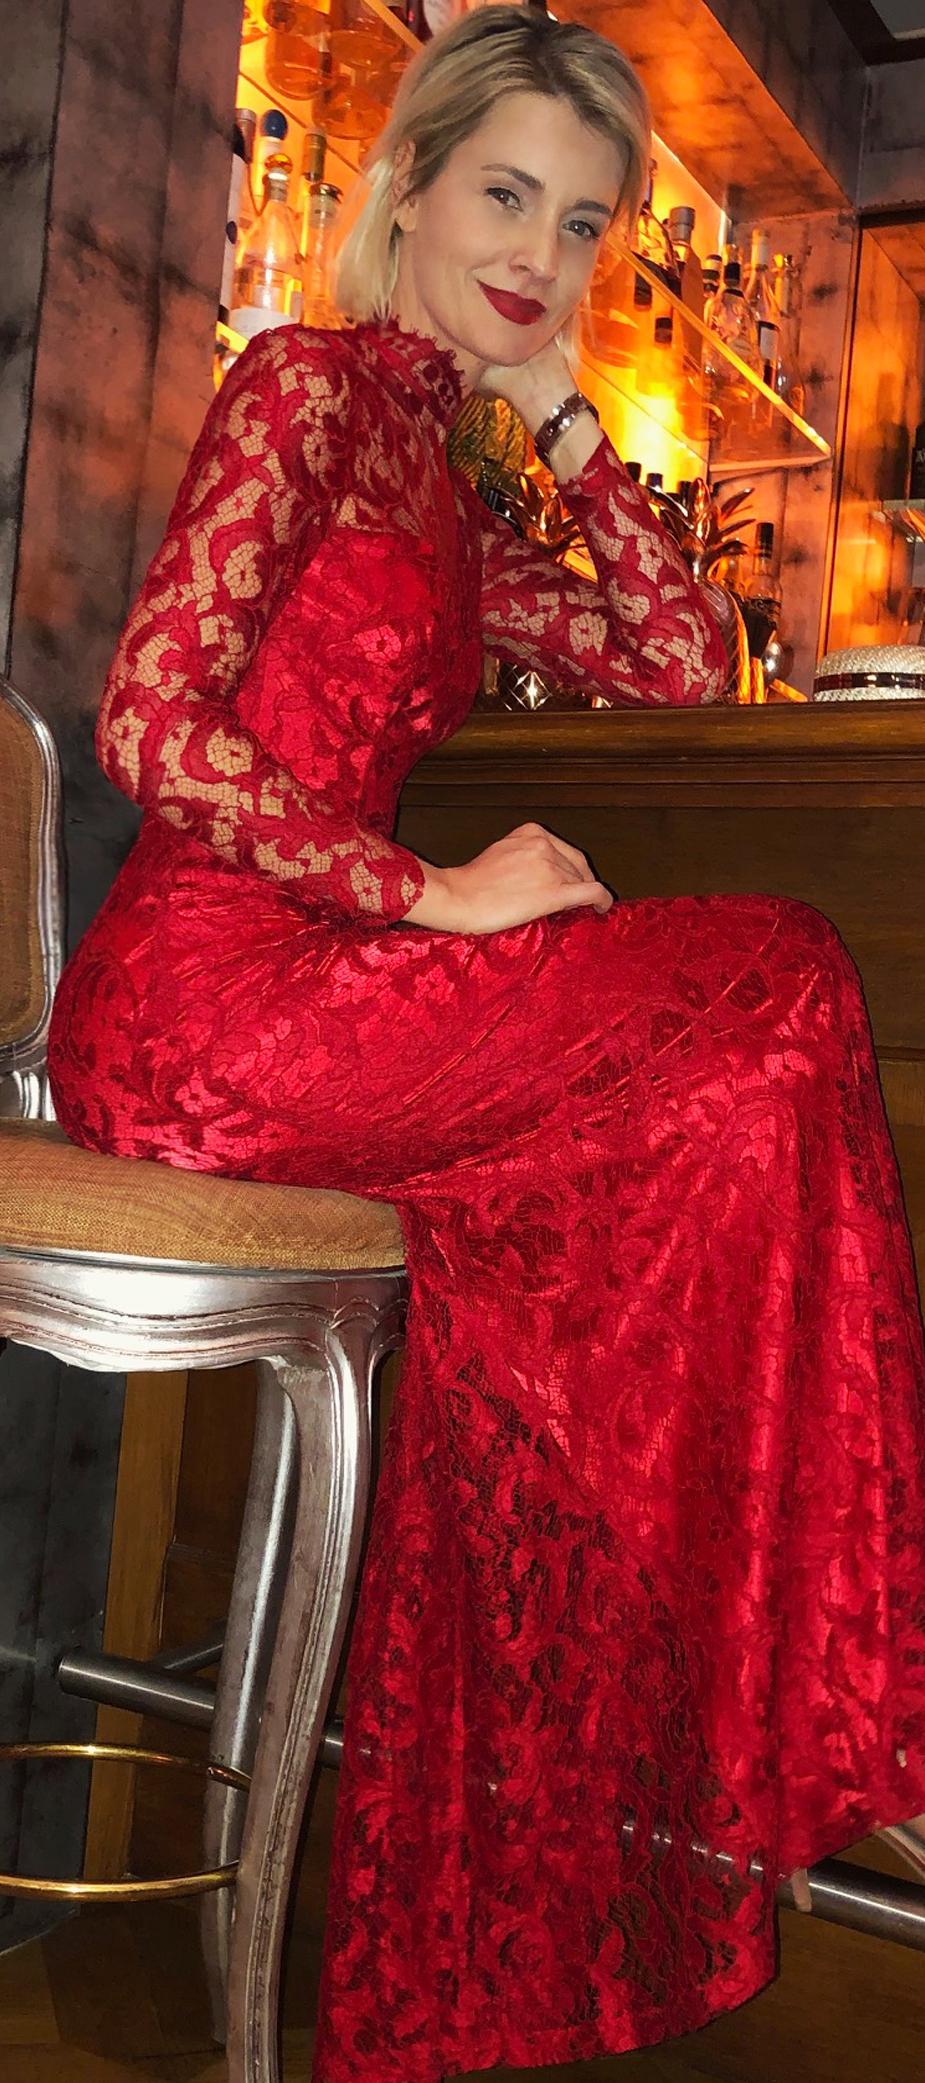 Spitzenkleid in Rot mit Stehkragen